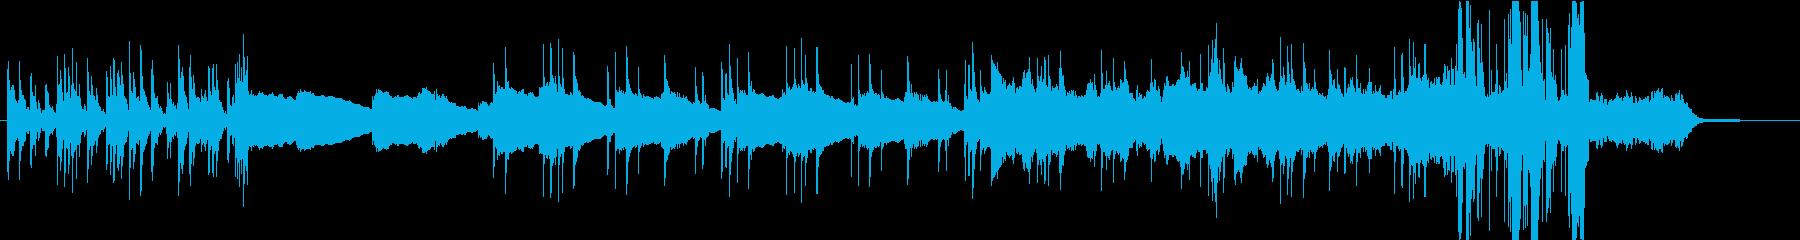 メロウなエレピと複雑なドラムのインストの再生済みの波形